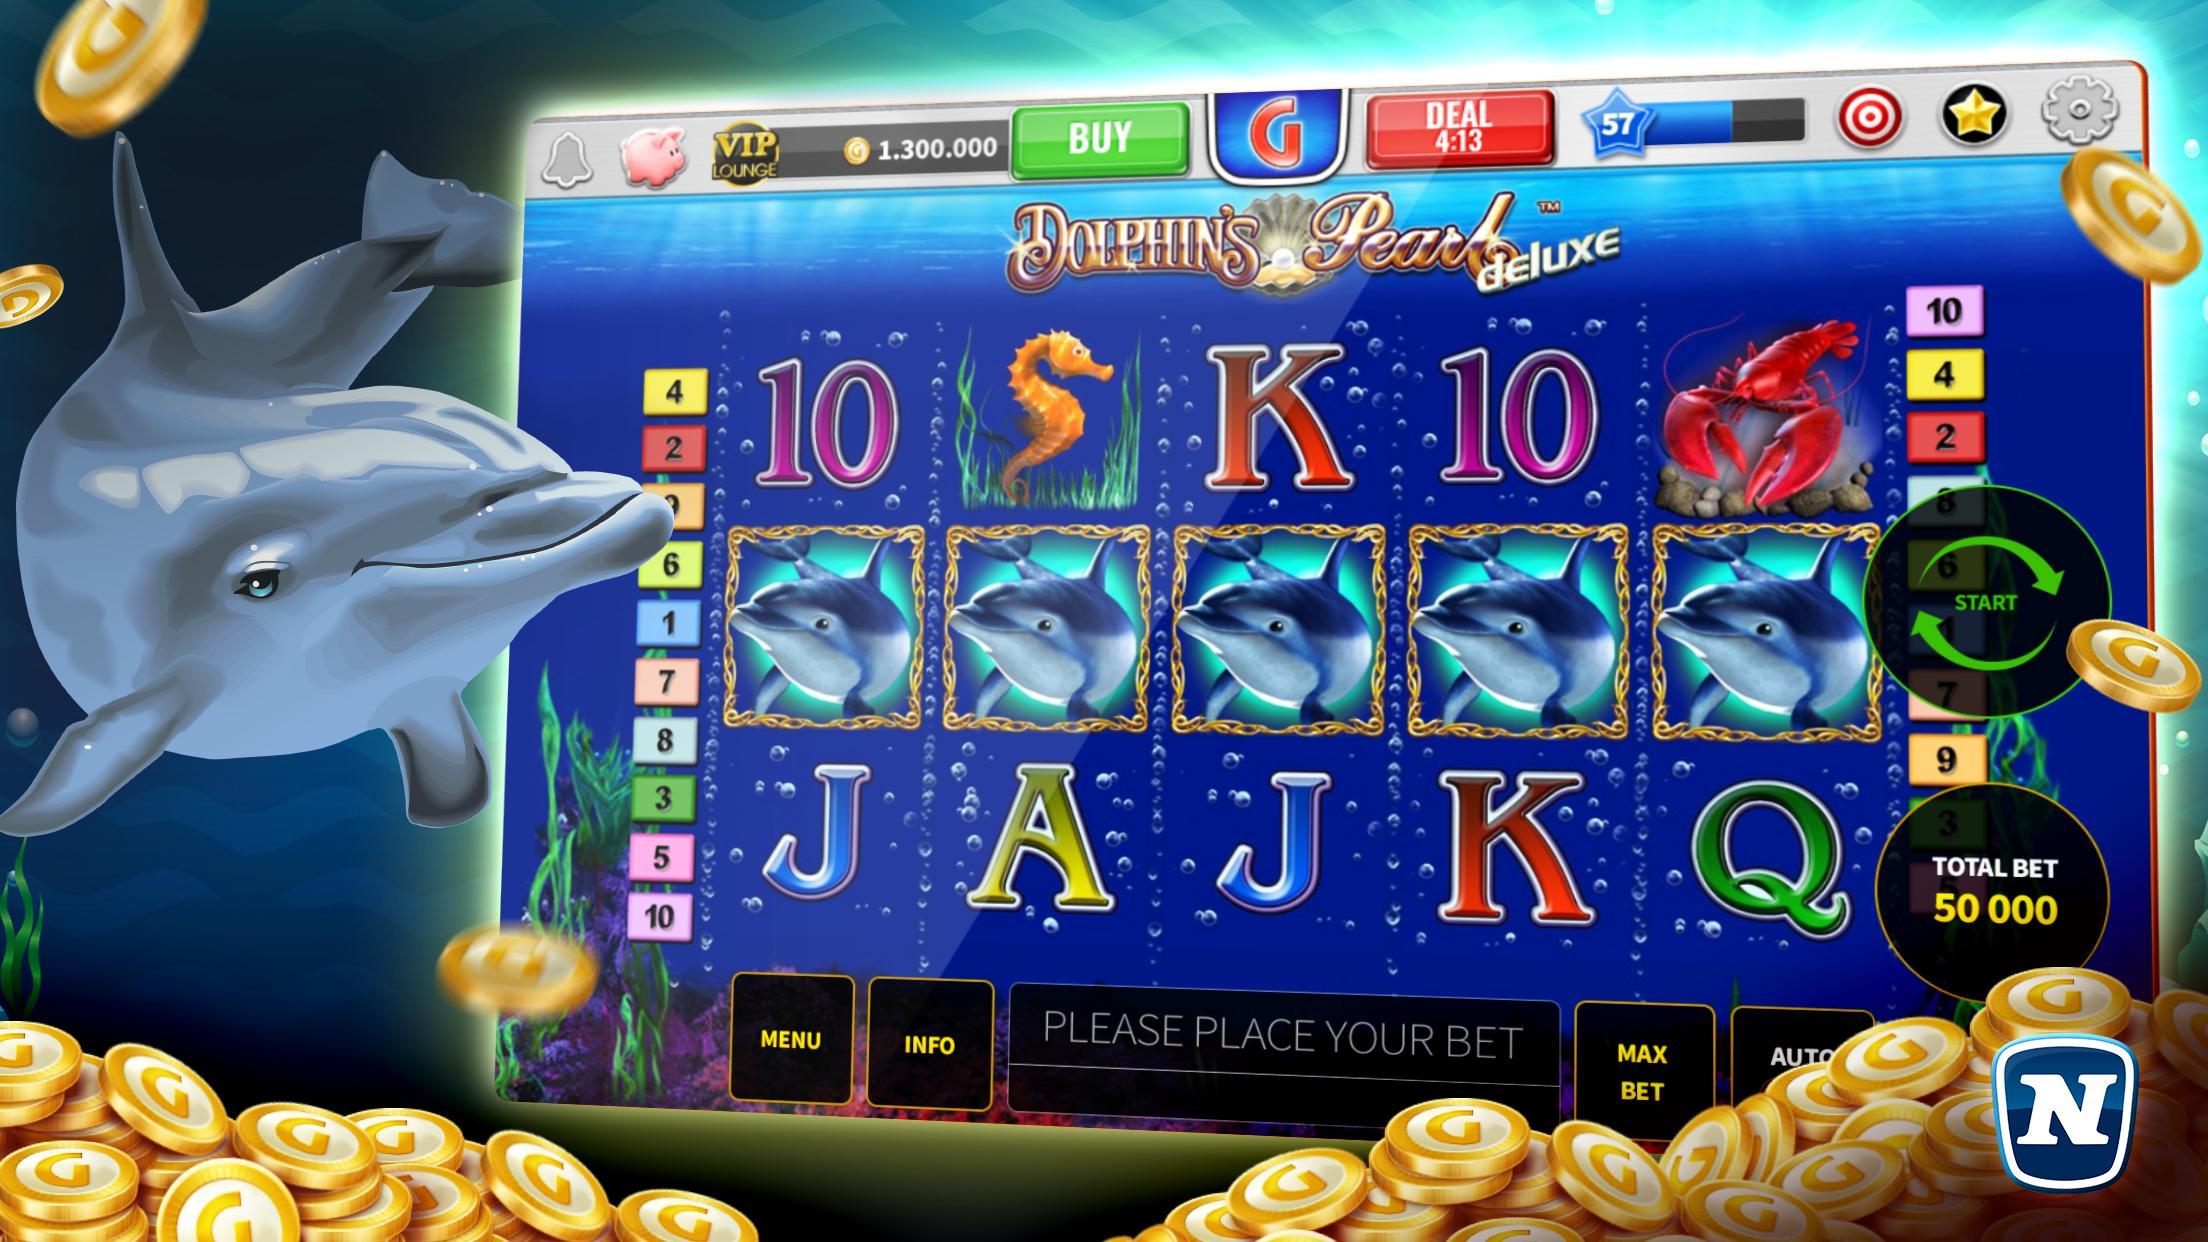 Игры игровые автоматы бесплатно гаминаторы игровые автоматы играть бесплатно королева